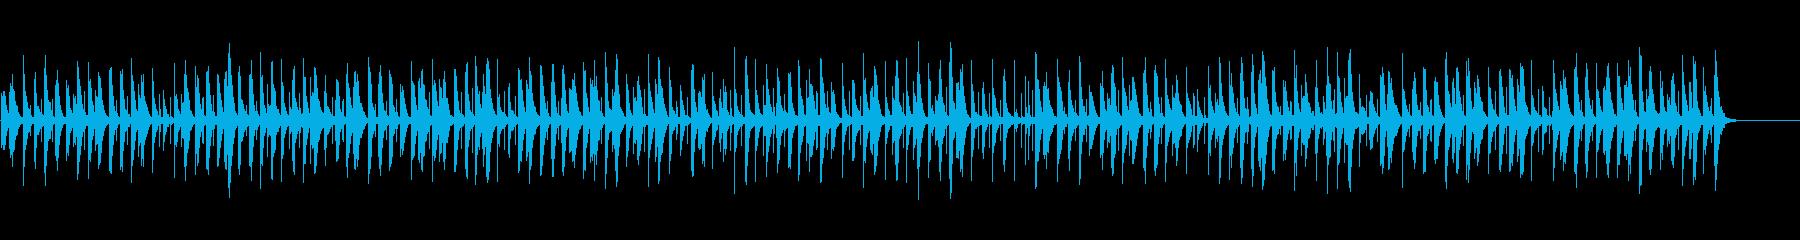 平和でほのぼのとした日常用BGMの再生済みの波形